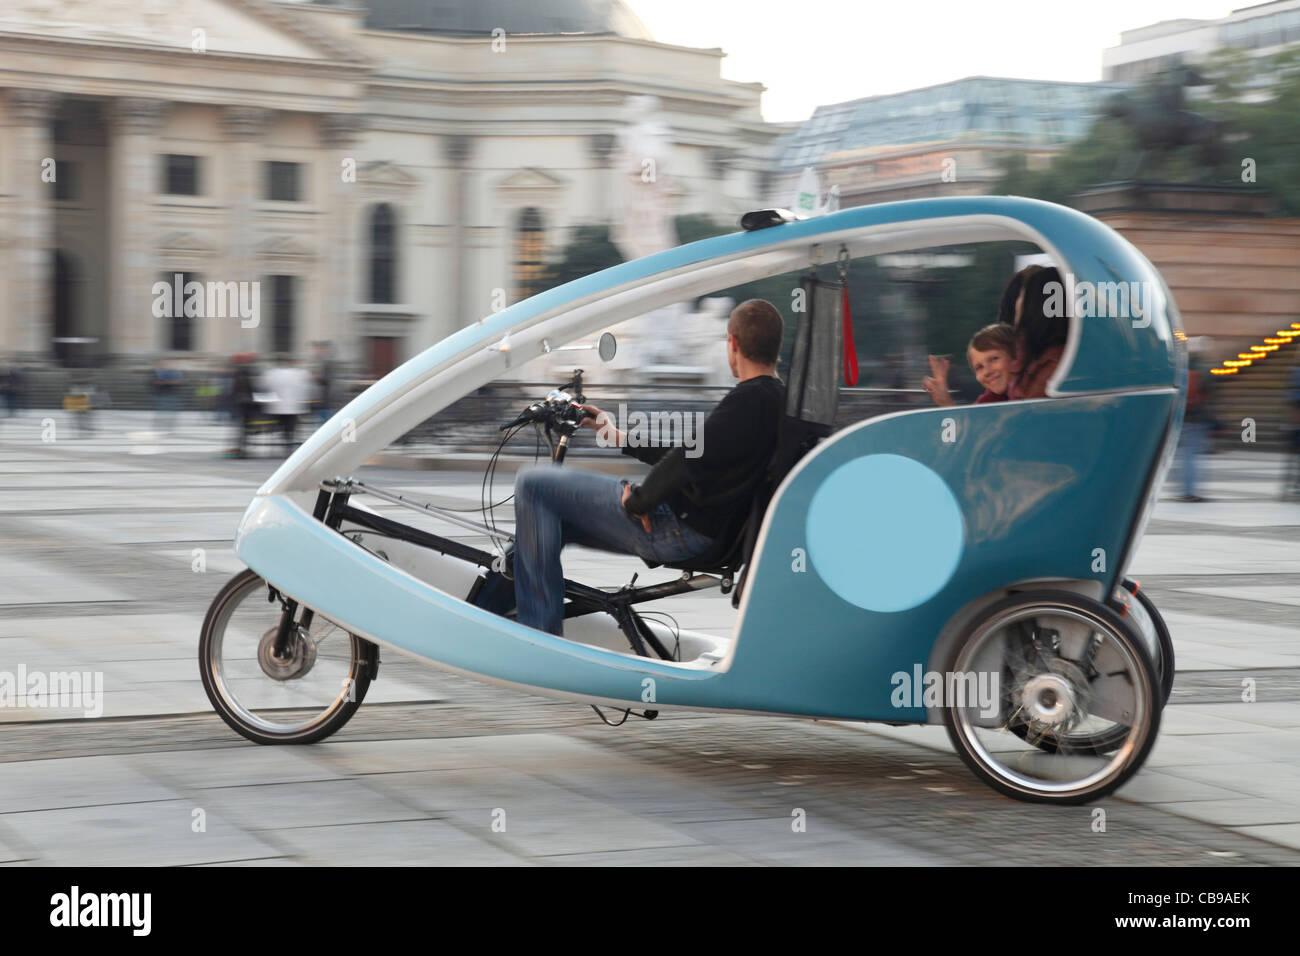 Rispettosi dell'ambiente bike taxi (ciclo bike; velo taxi) a Gendarmenmarkt a Berlino Immagini Stock